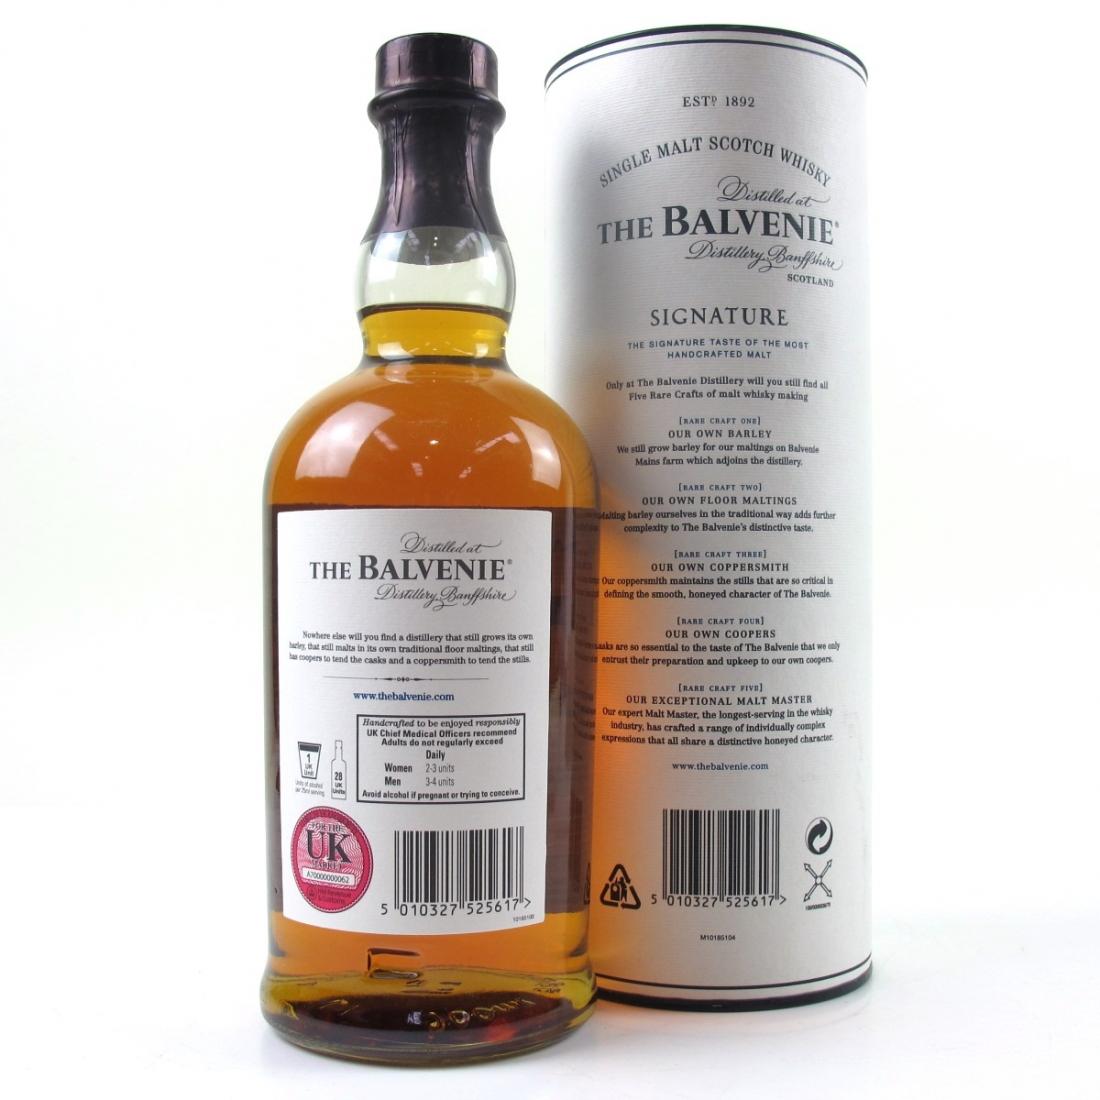 Balvenie 12 Year Old Signature Batch #005